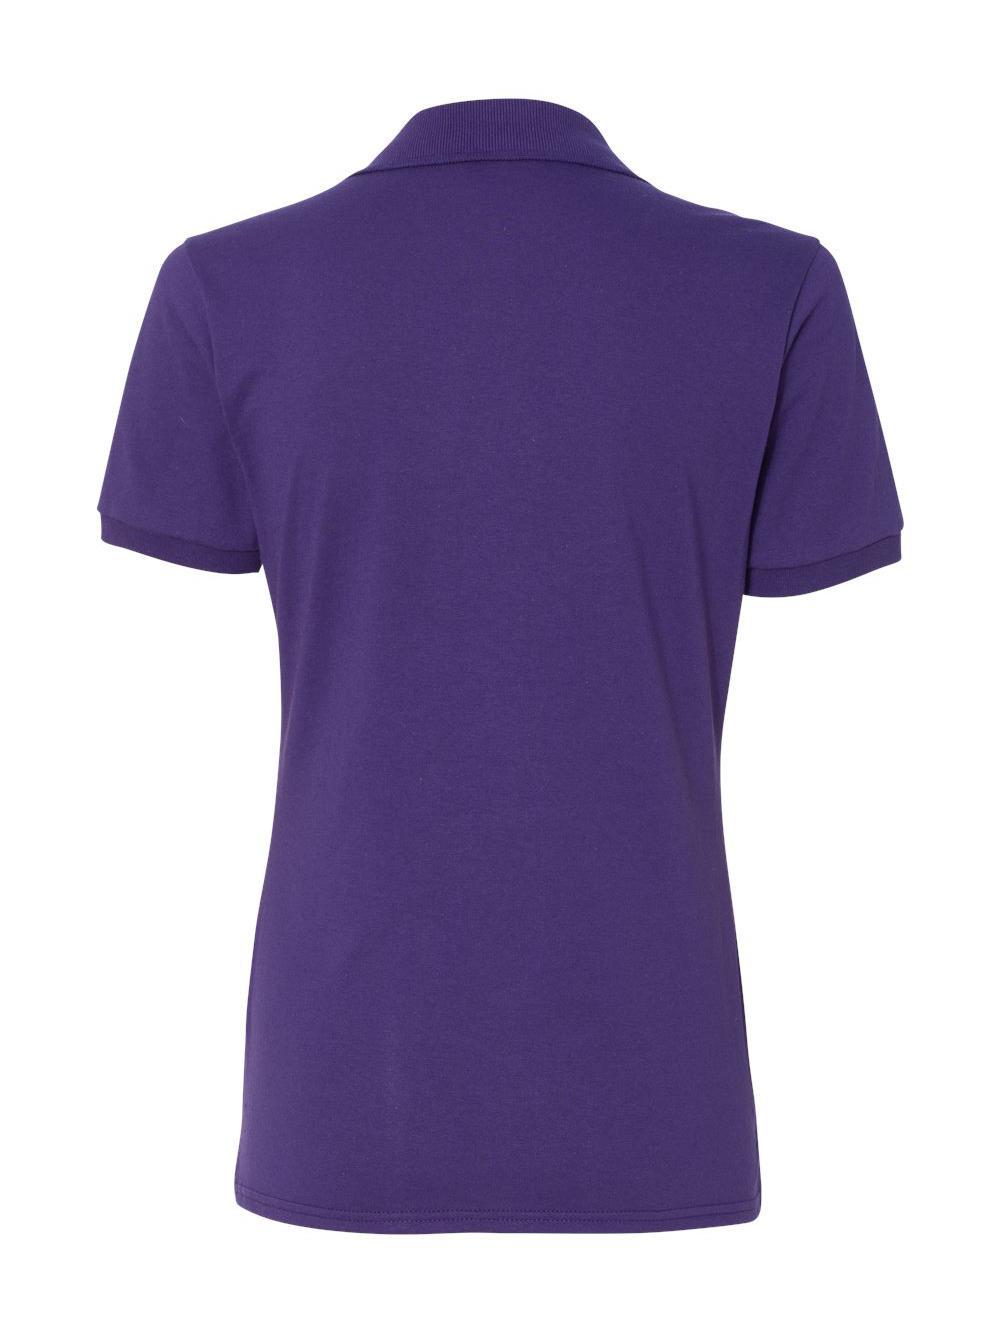 Jerzees-Women-039-s-Spotshield-50-50-Sport-Shirt-437WR thumbnail 10